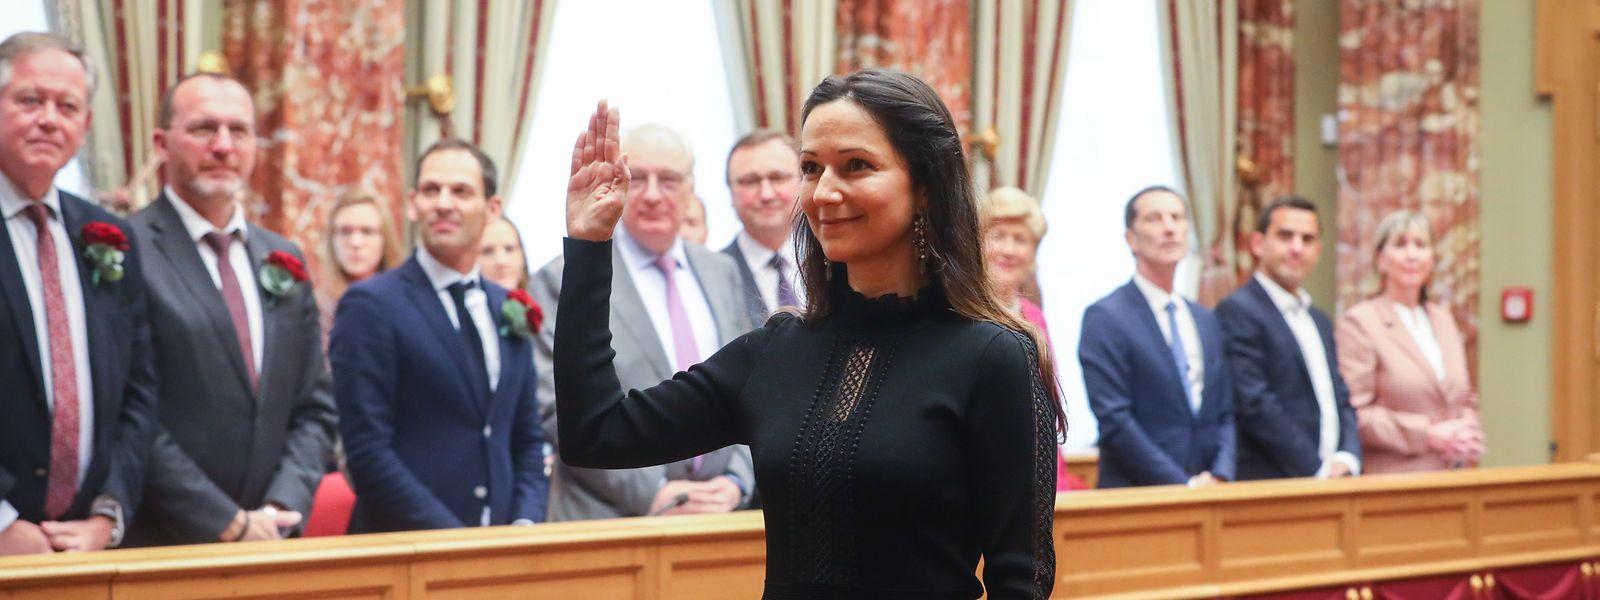 Das neue Gesicht am Krautmarkt: Die Grünen-Abgeordnete Semiray Ahmedova wurde im Oktober vereidigt.